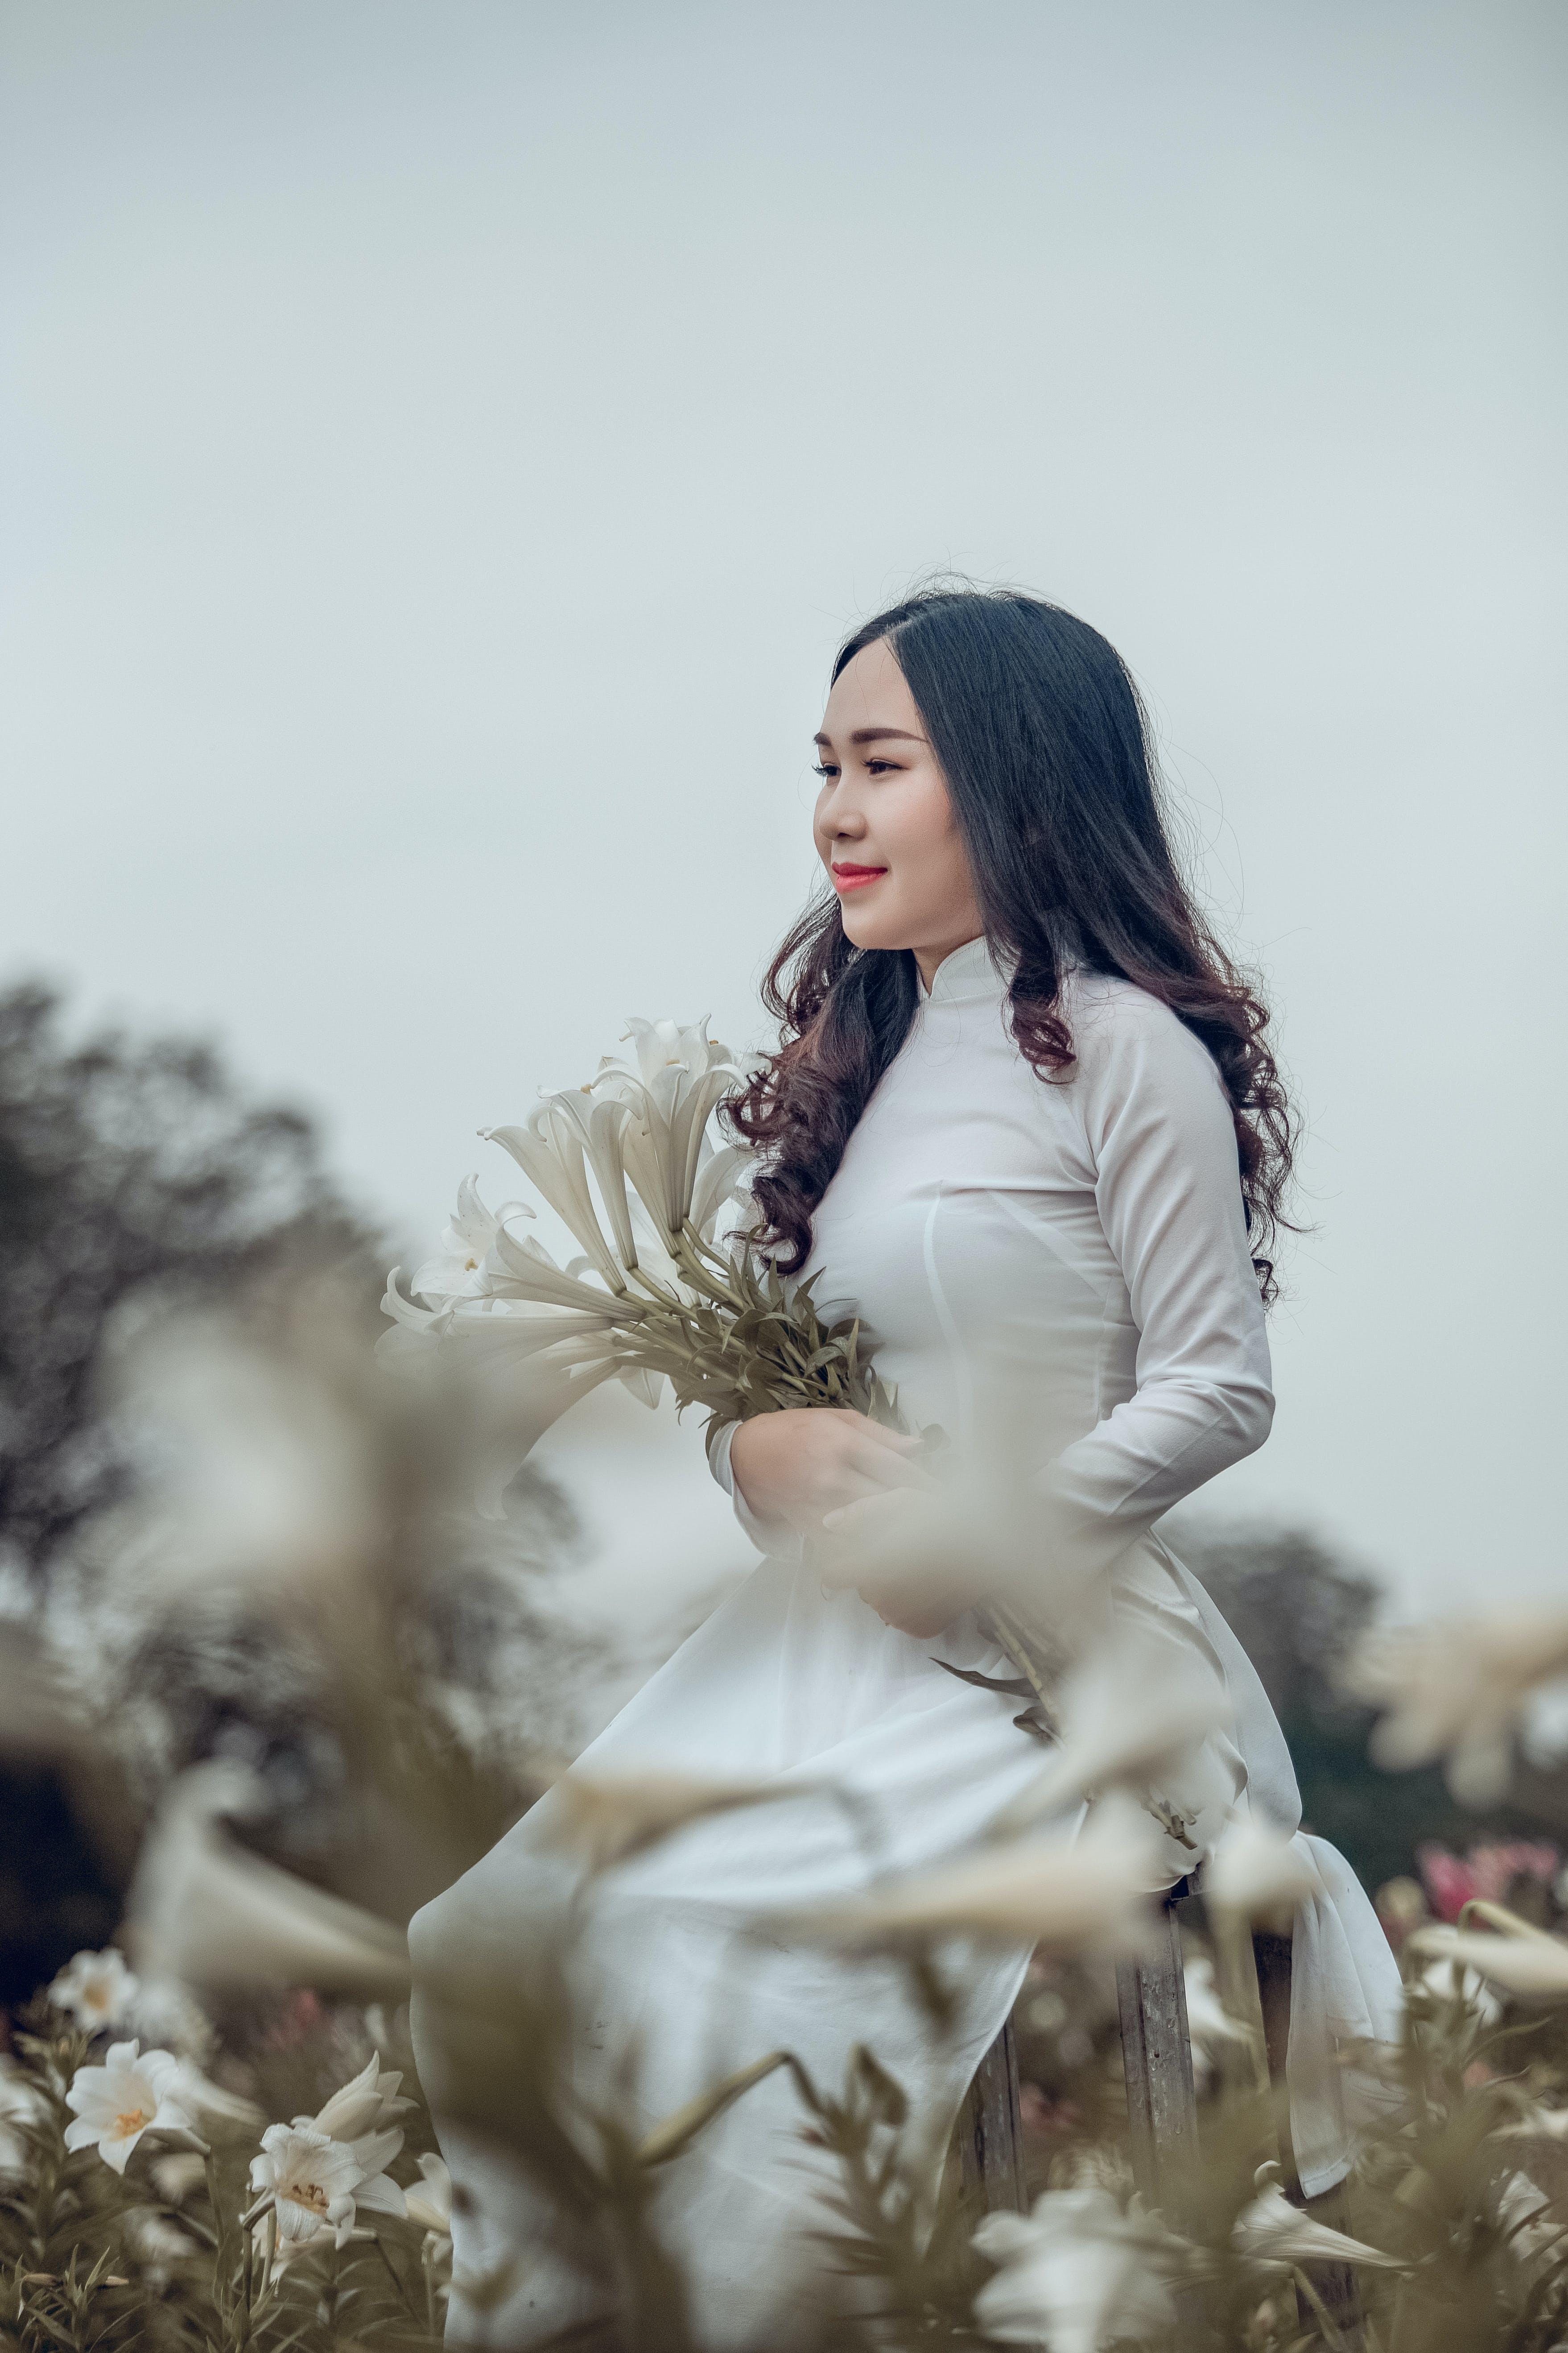 Fotos de stock gratuitas de actitud, ao dai, asiática, bonita